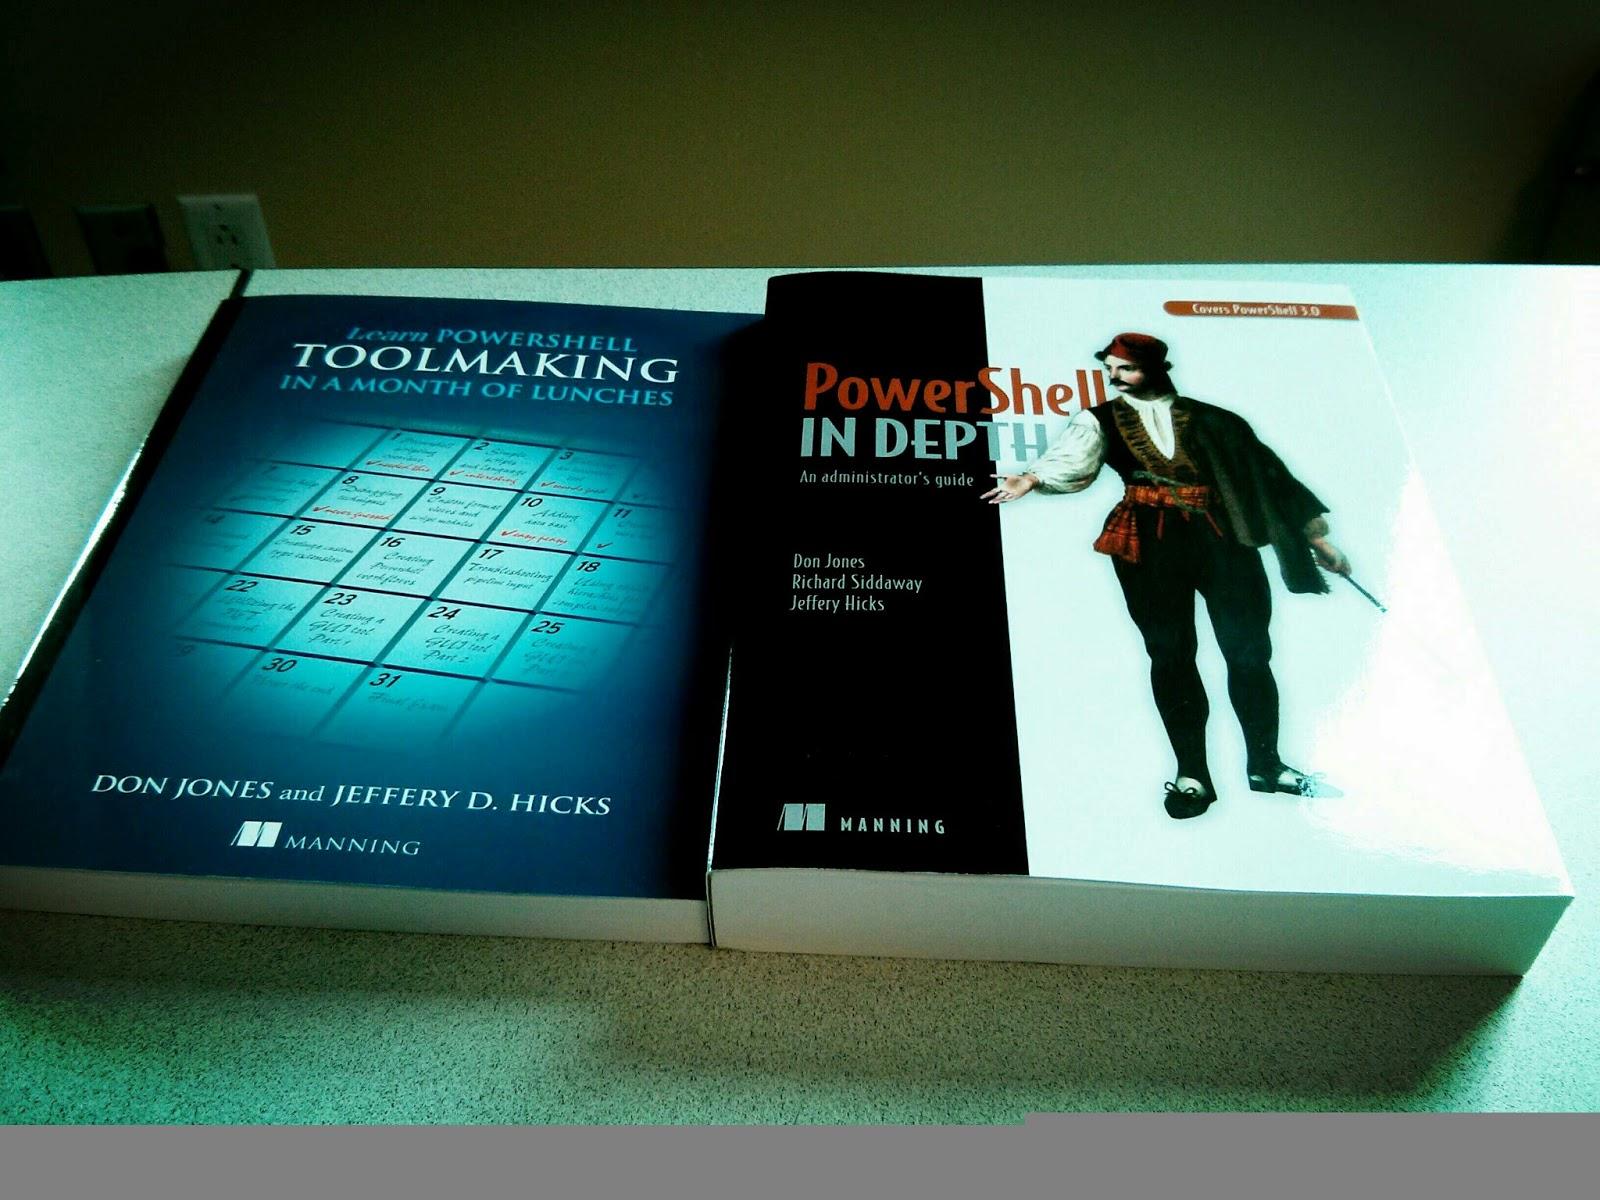 Best book to learn modern C in depth? : learnprogramming